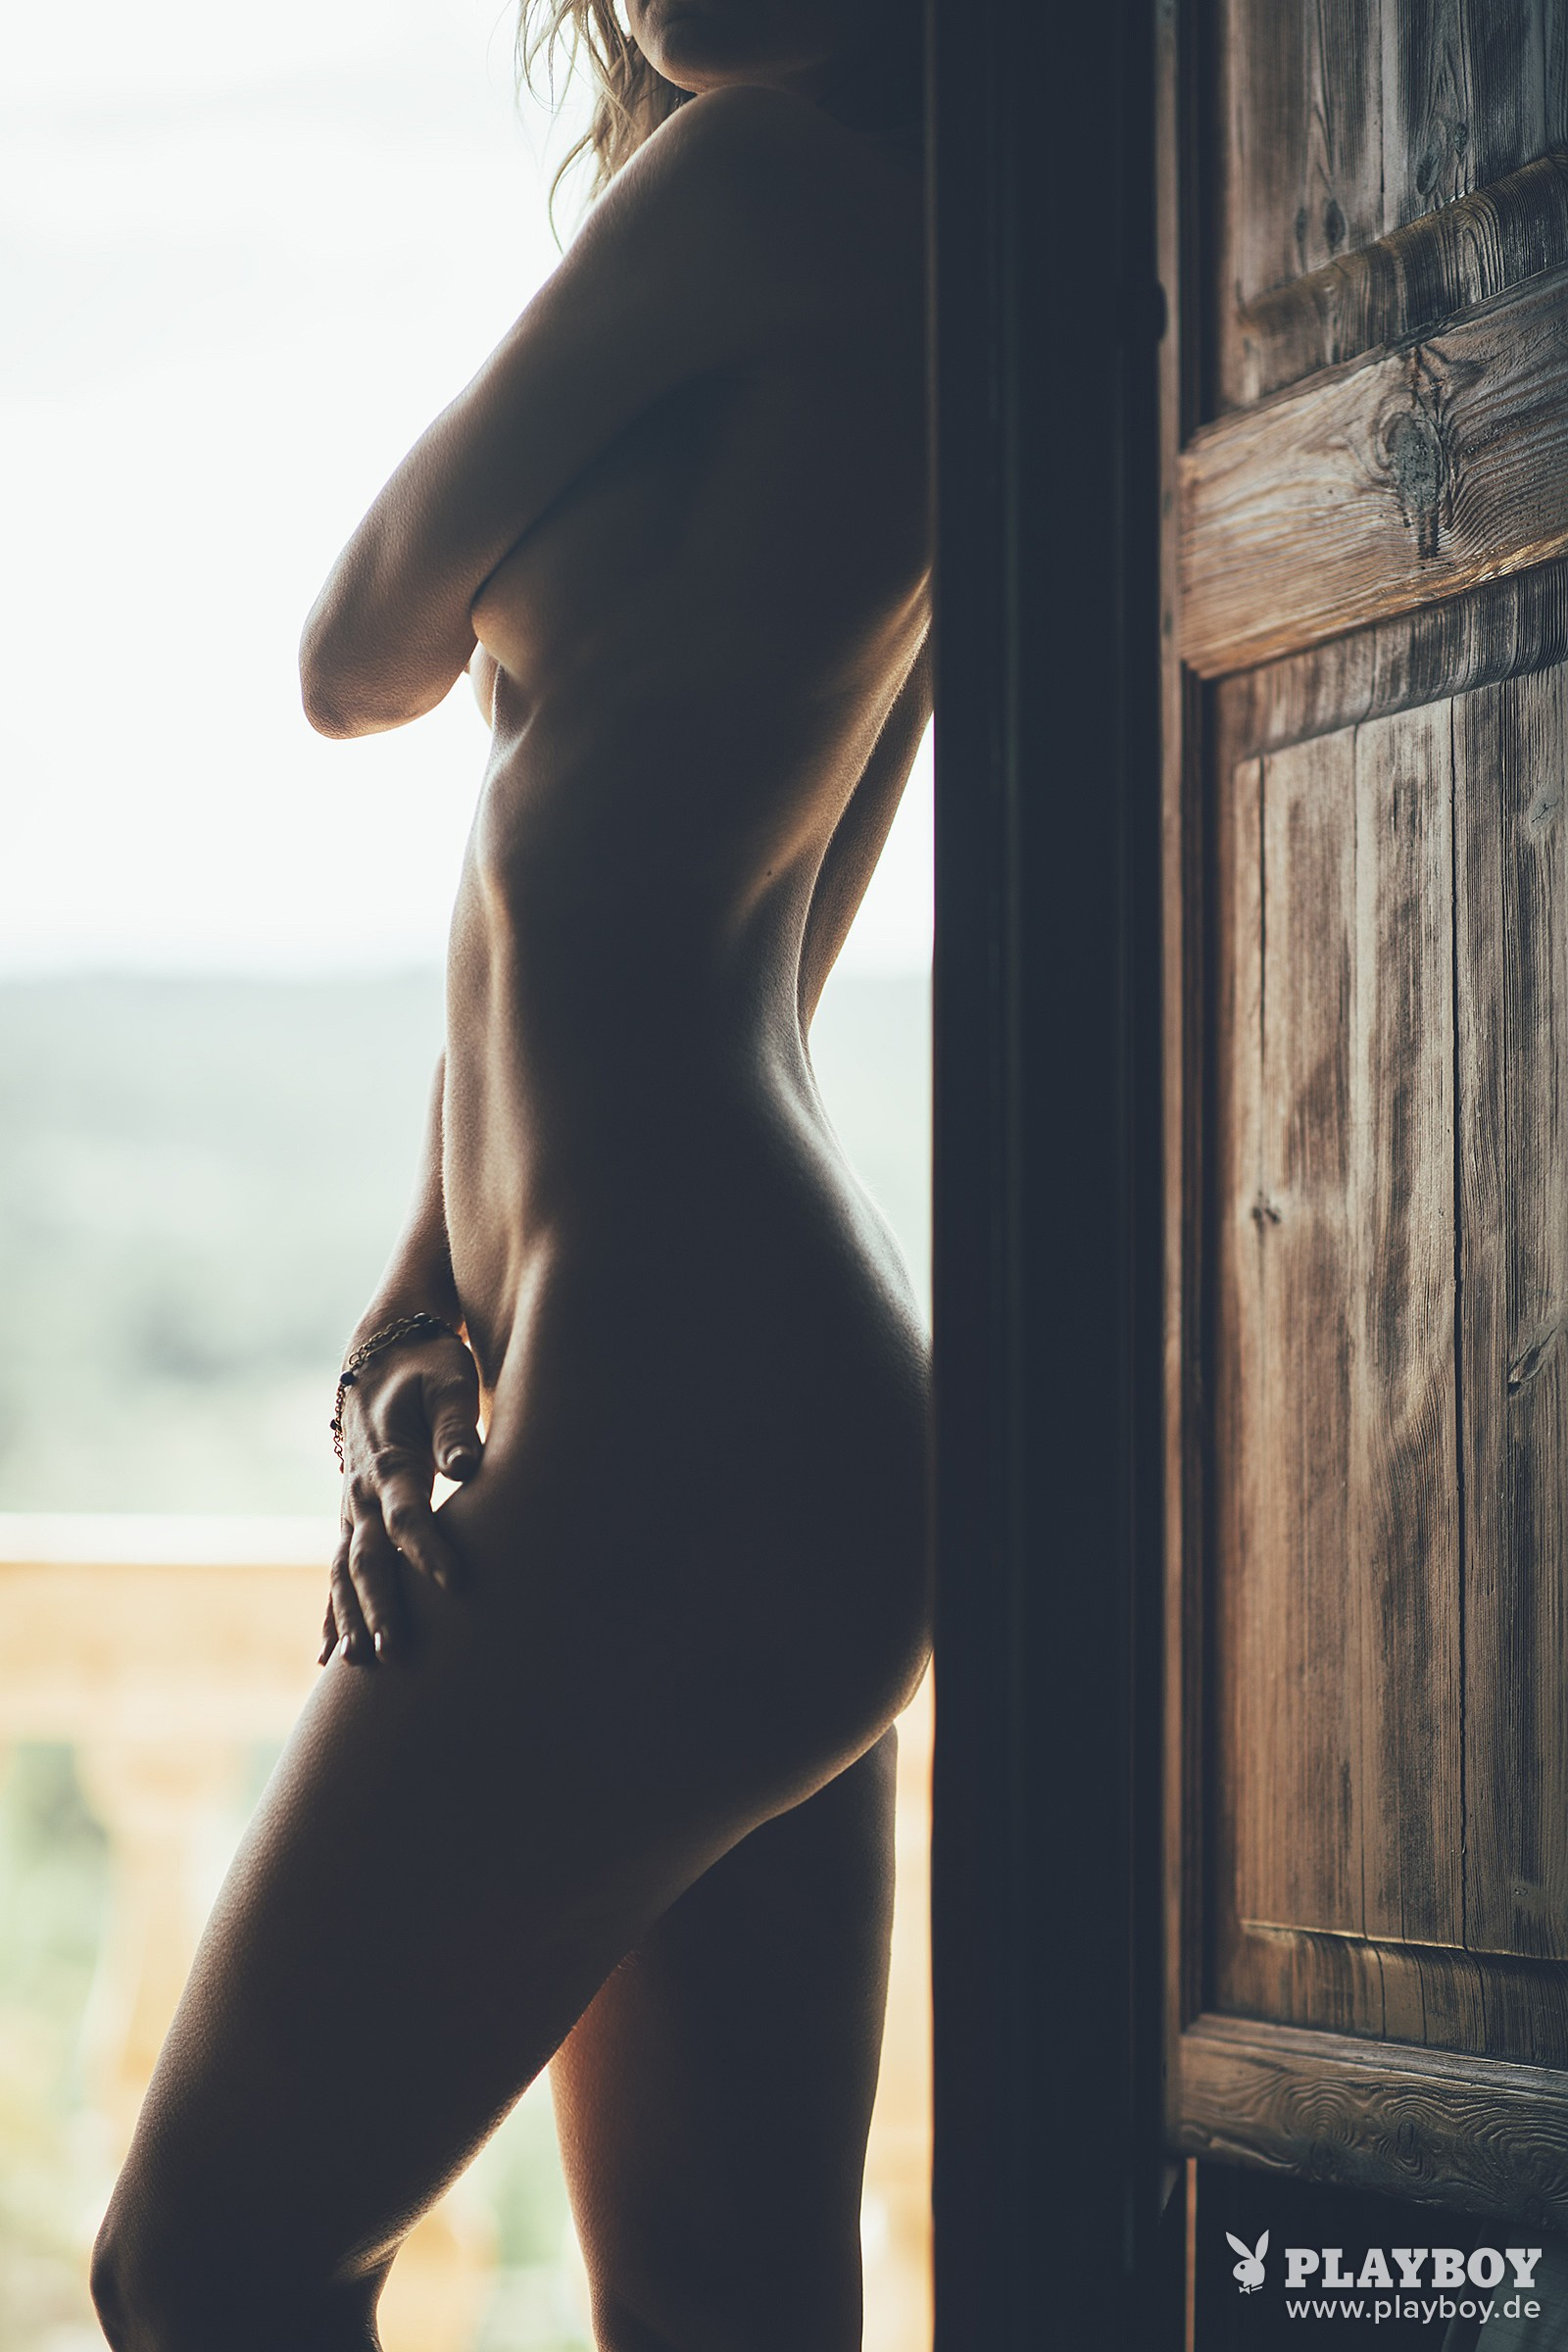 Para el sexo no hay edad - 2 part 10